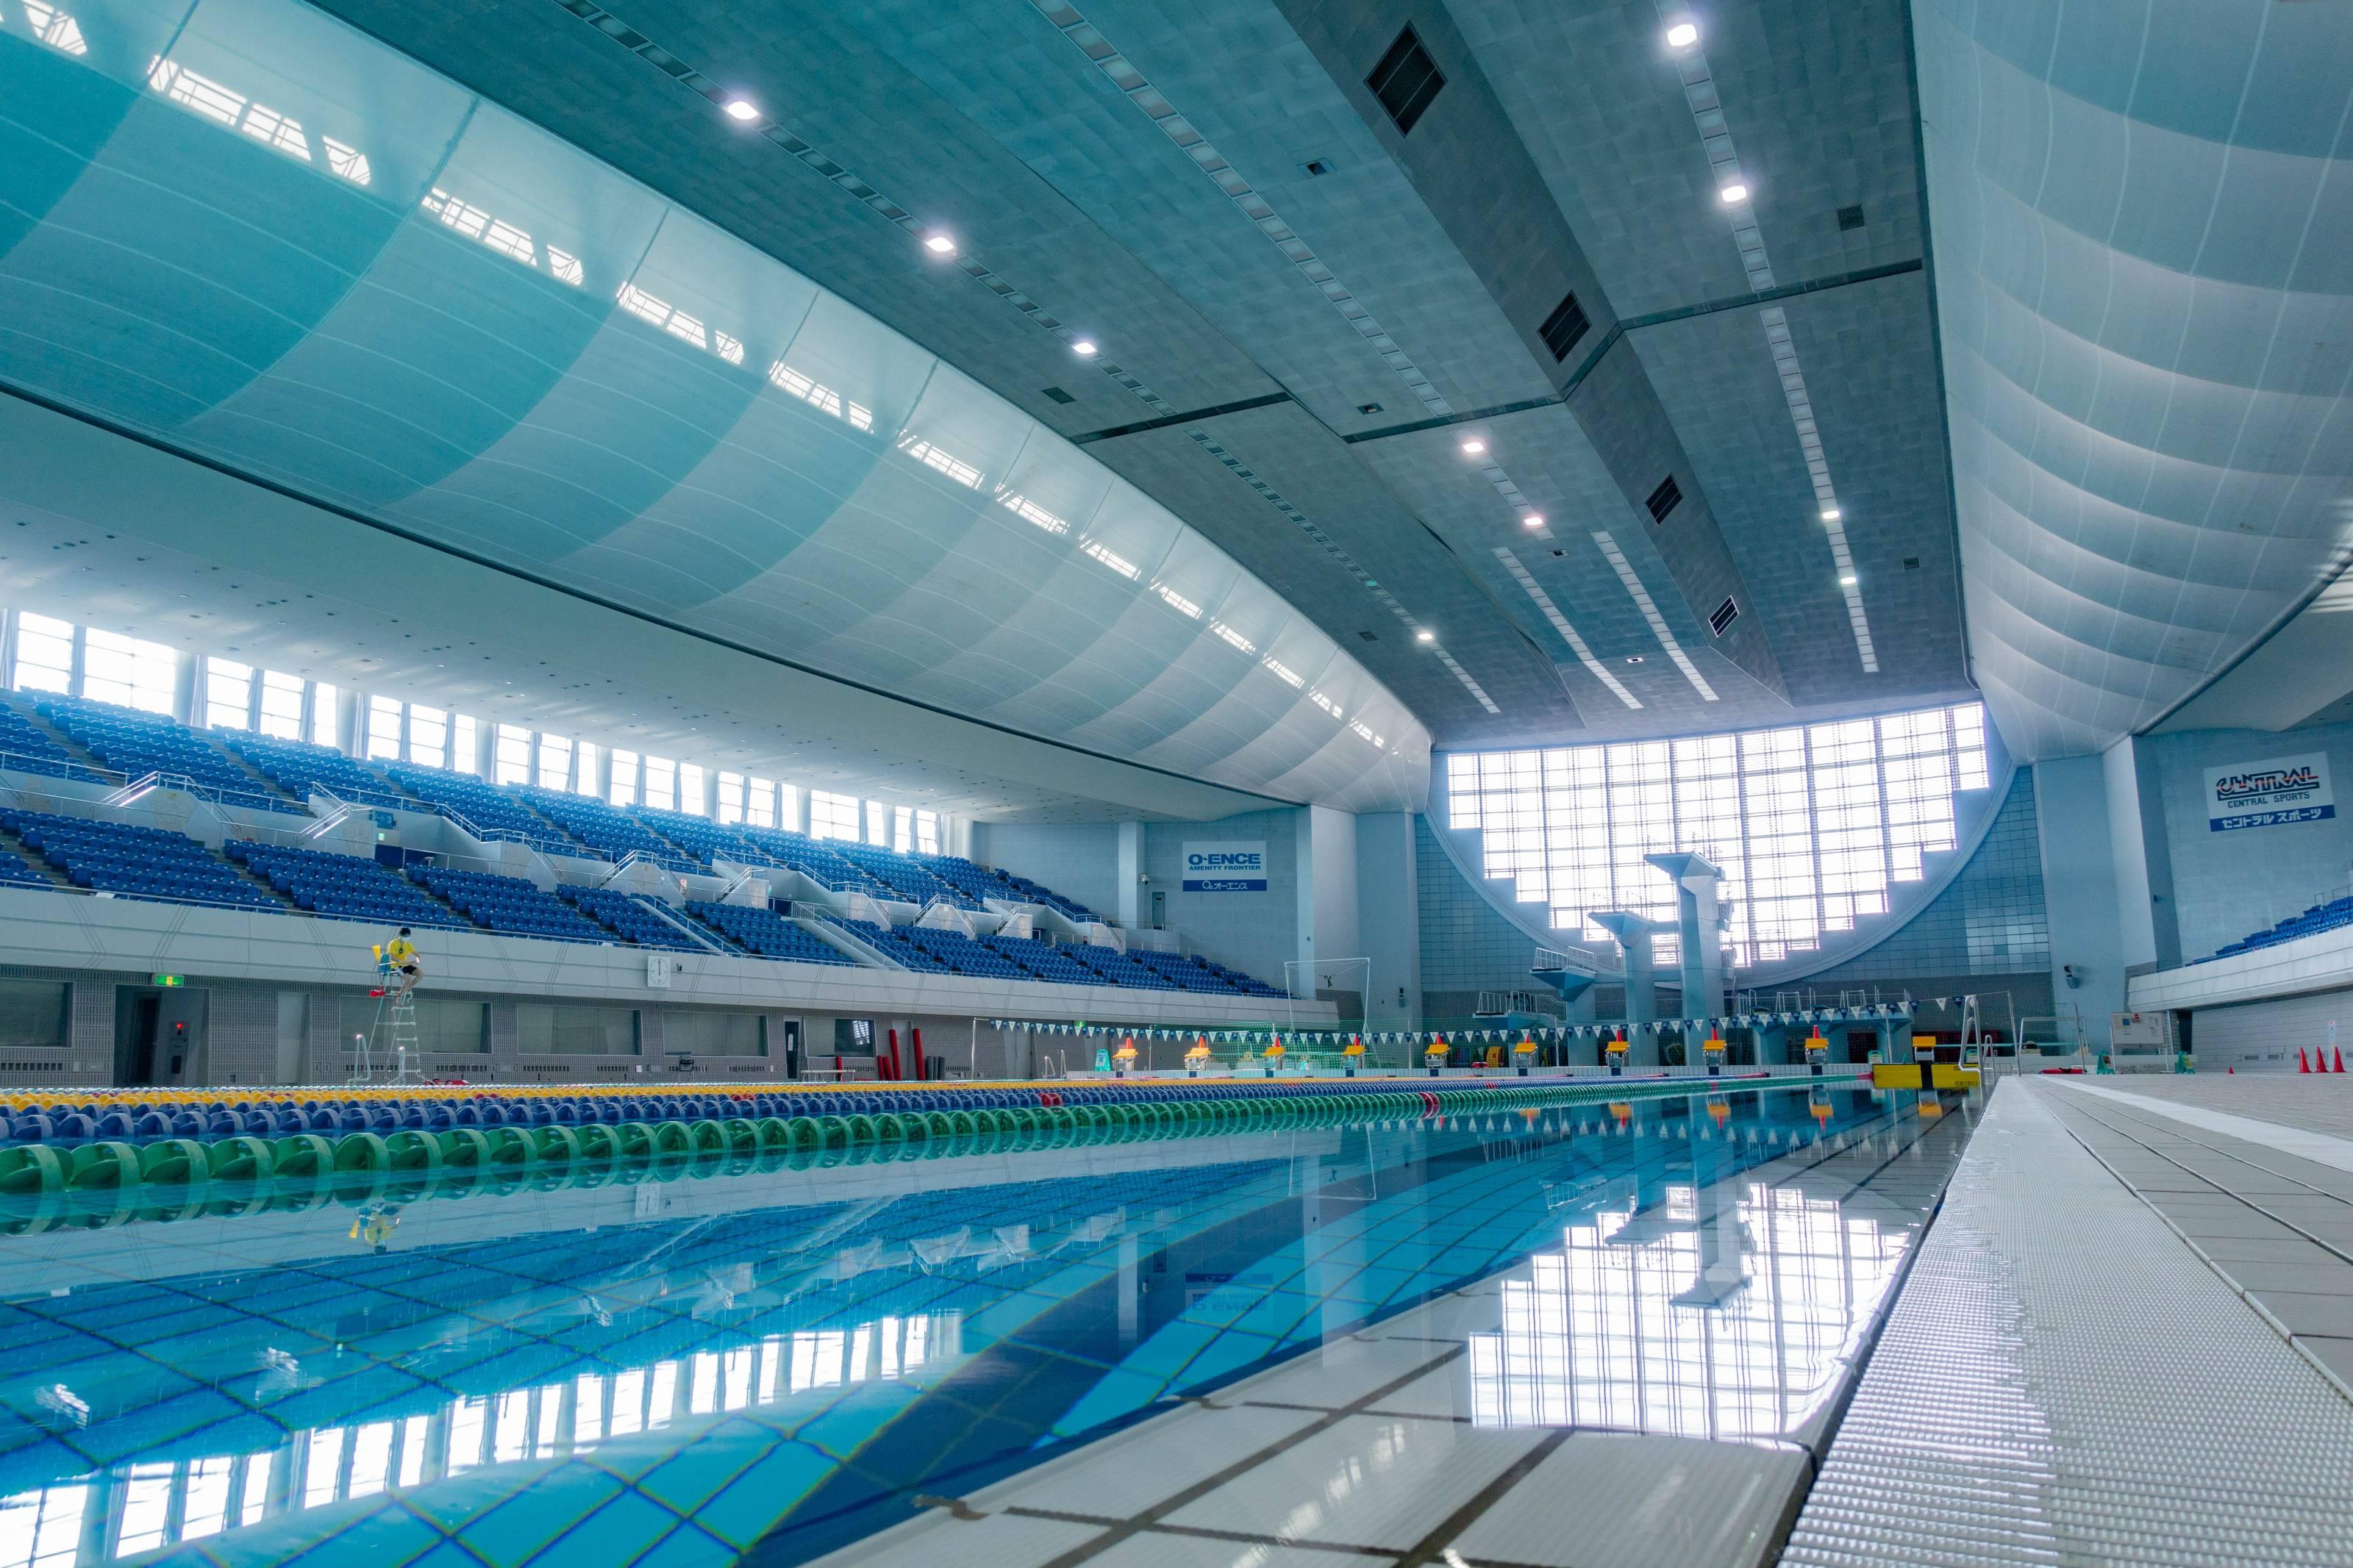 株式会社フクシ・エンタープライズ 千葉県国際総合水泳場